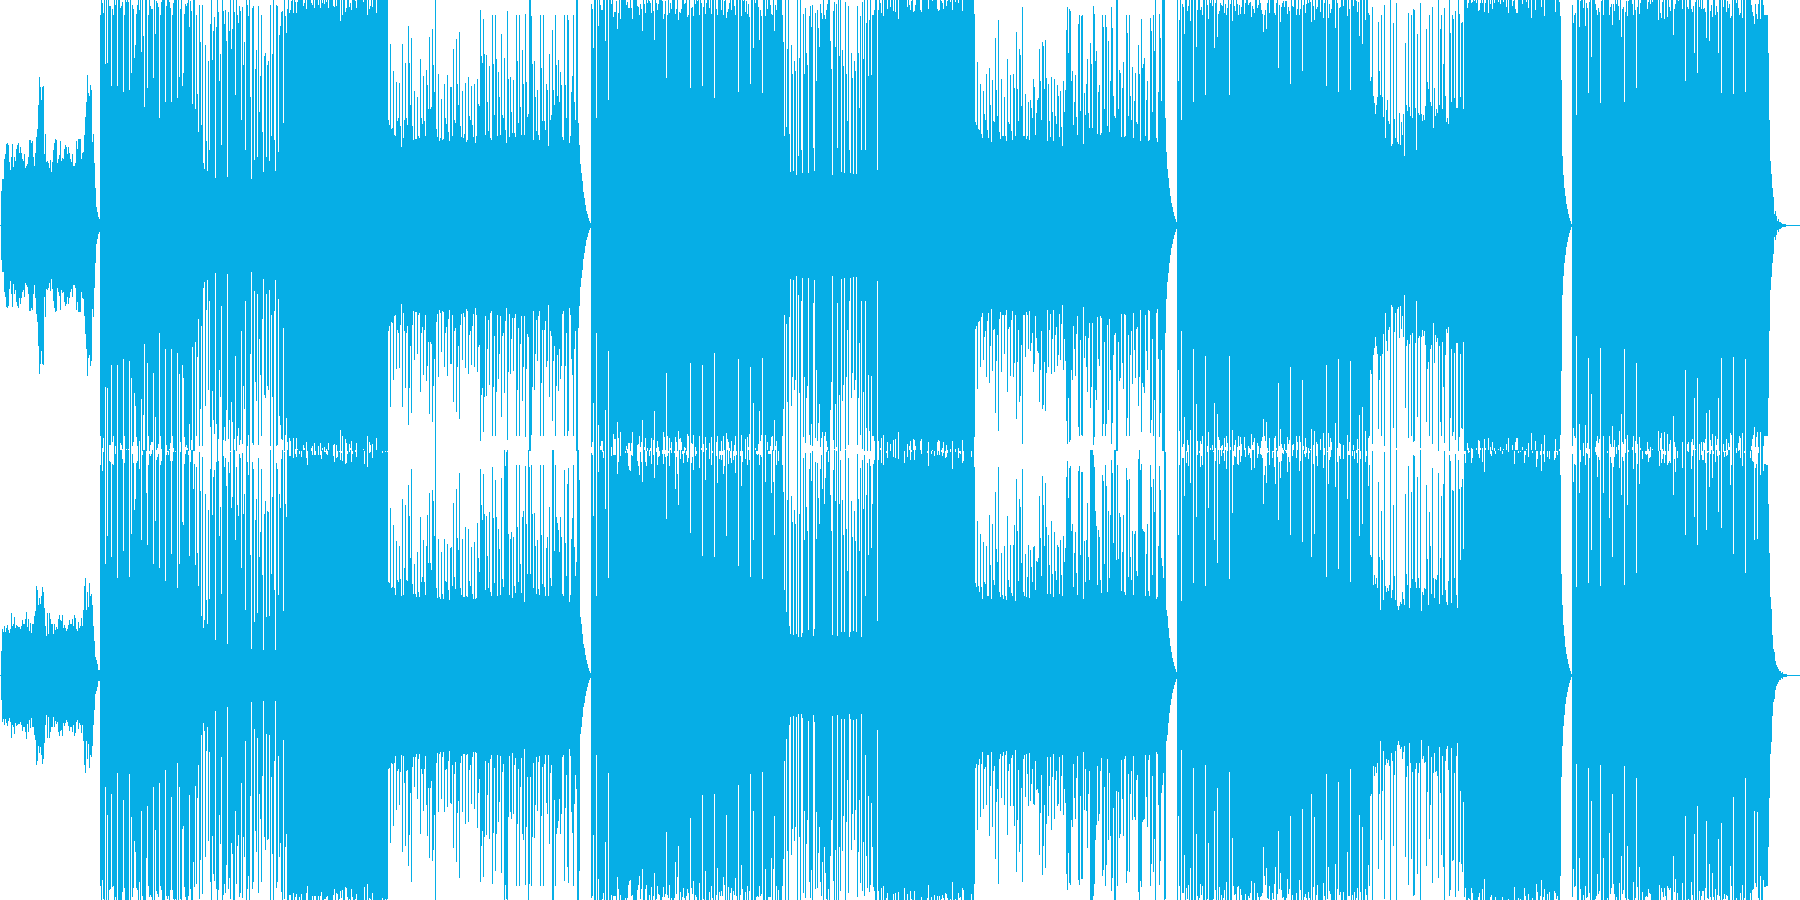 ヒップホップ/クランク/三味線/和#1の再生済みの波形